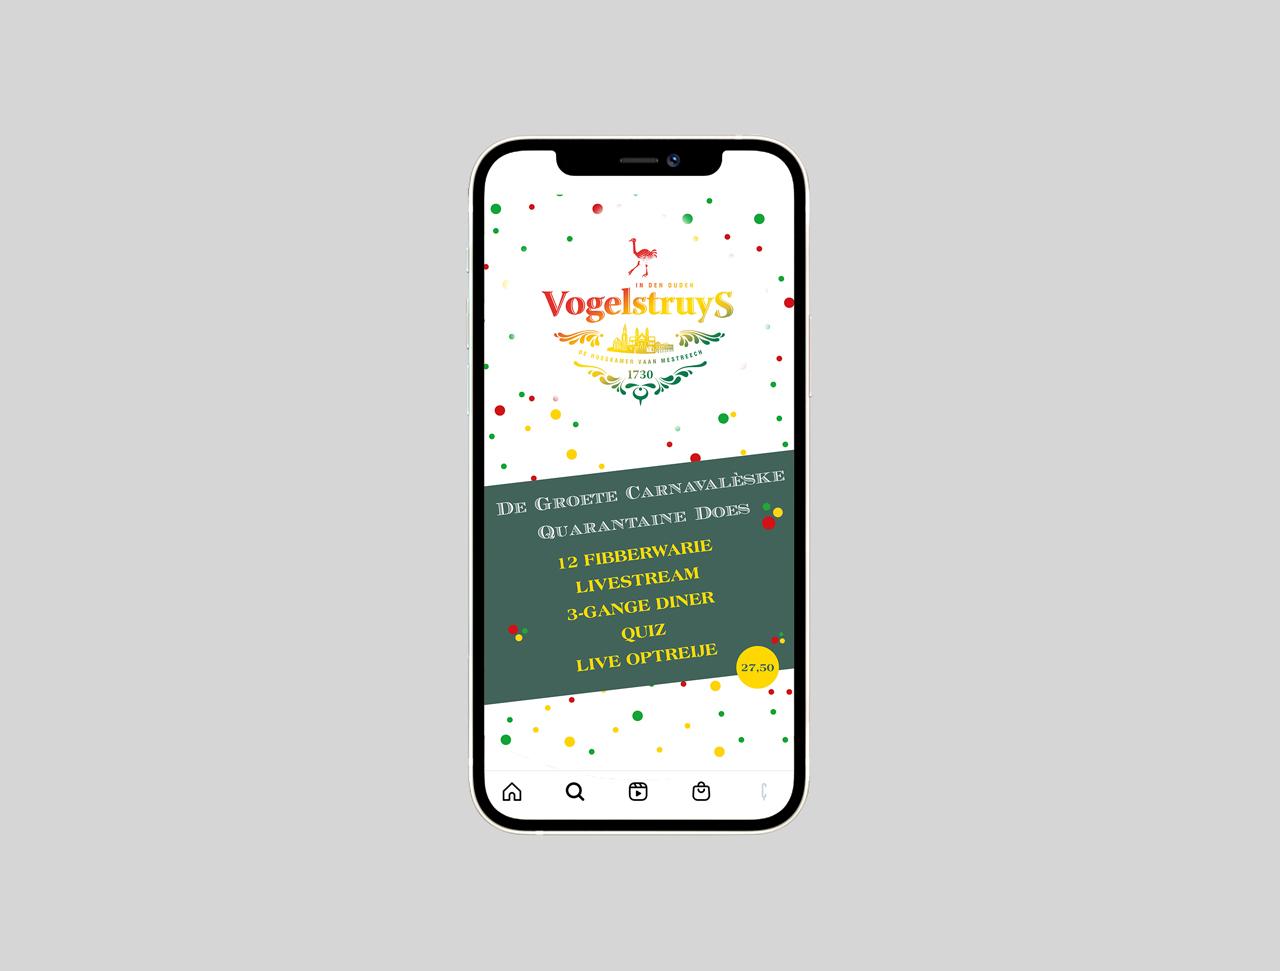 Vogelstruys - instragram post design